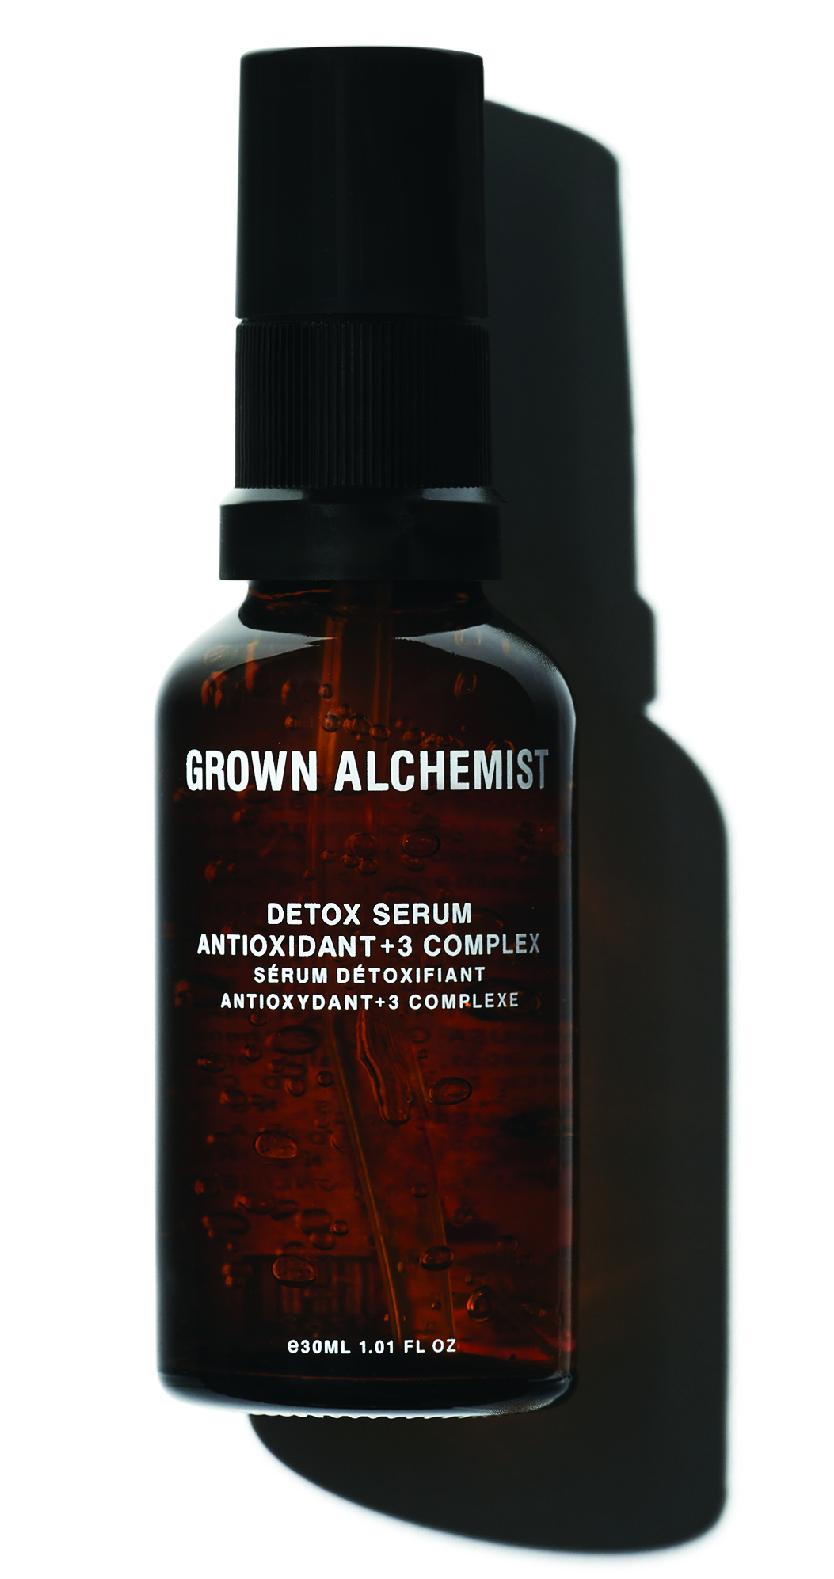 Grown Alchemist Detox Serum